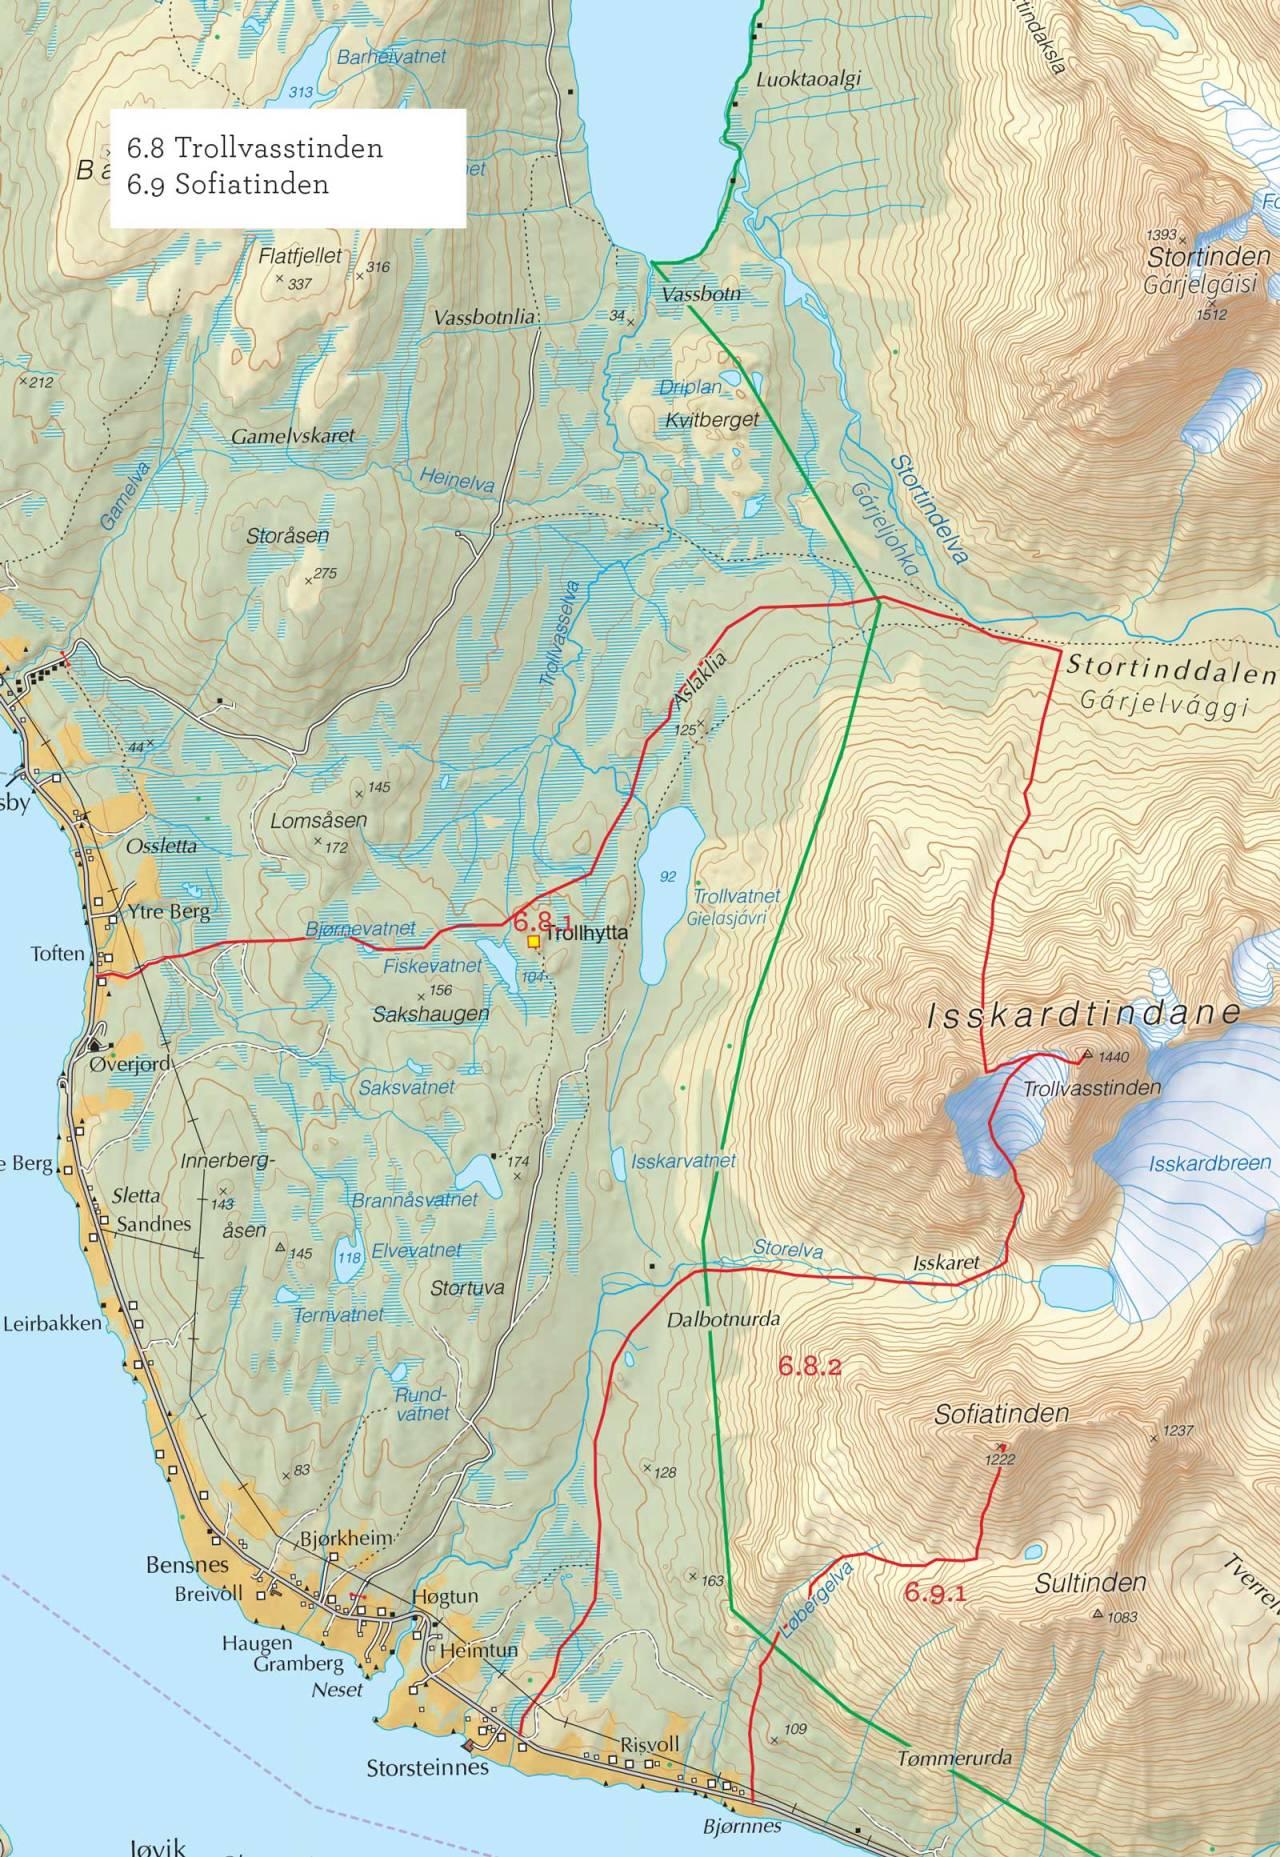 Oversiktskart over Sofiatinden med inntegnet rute. Fra Toppturer i Troms.